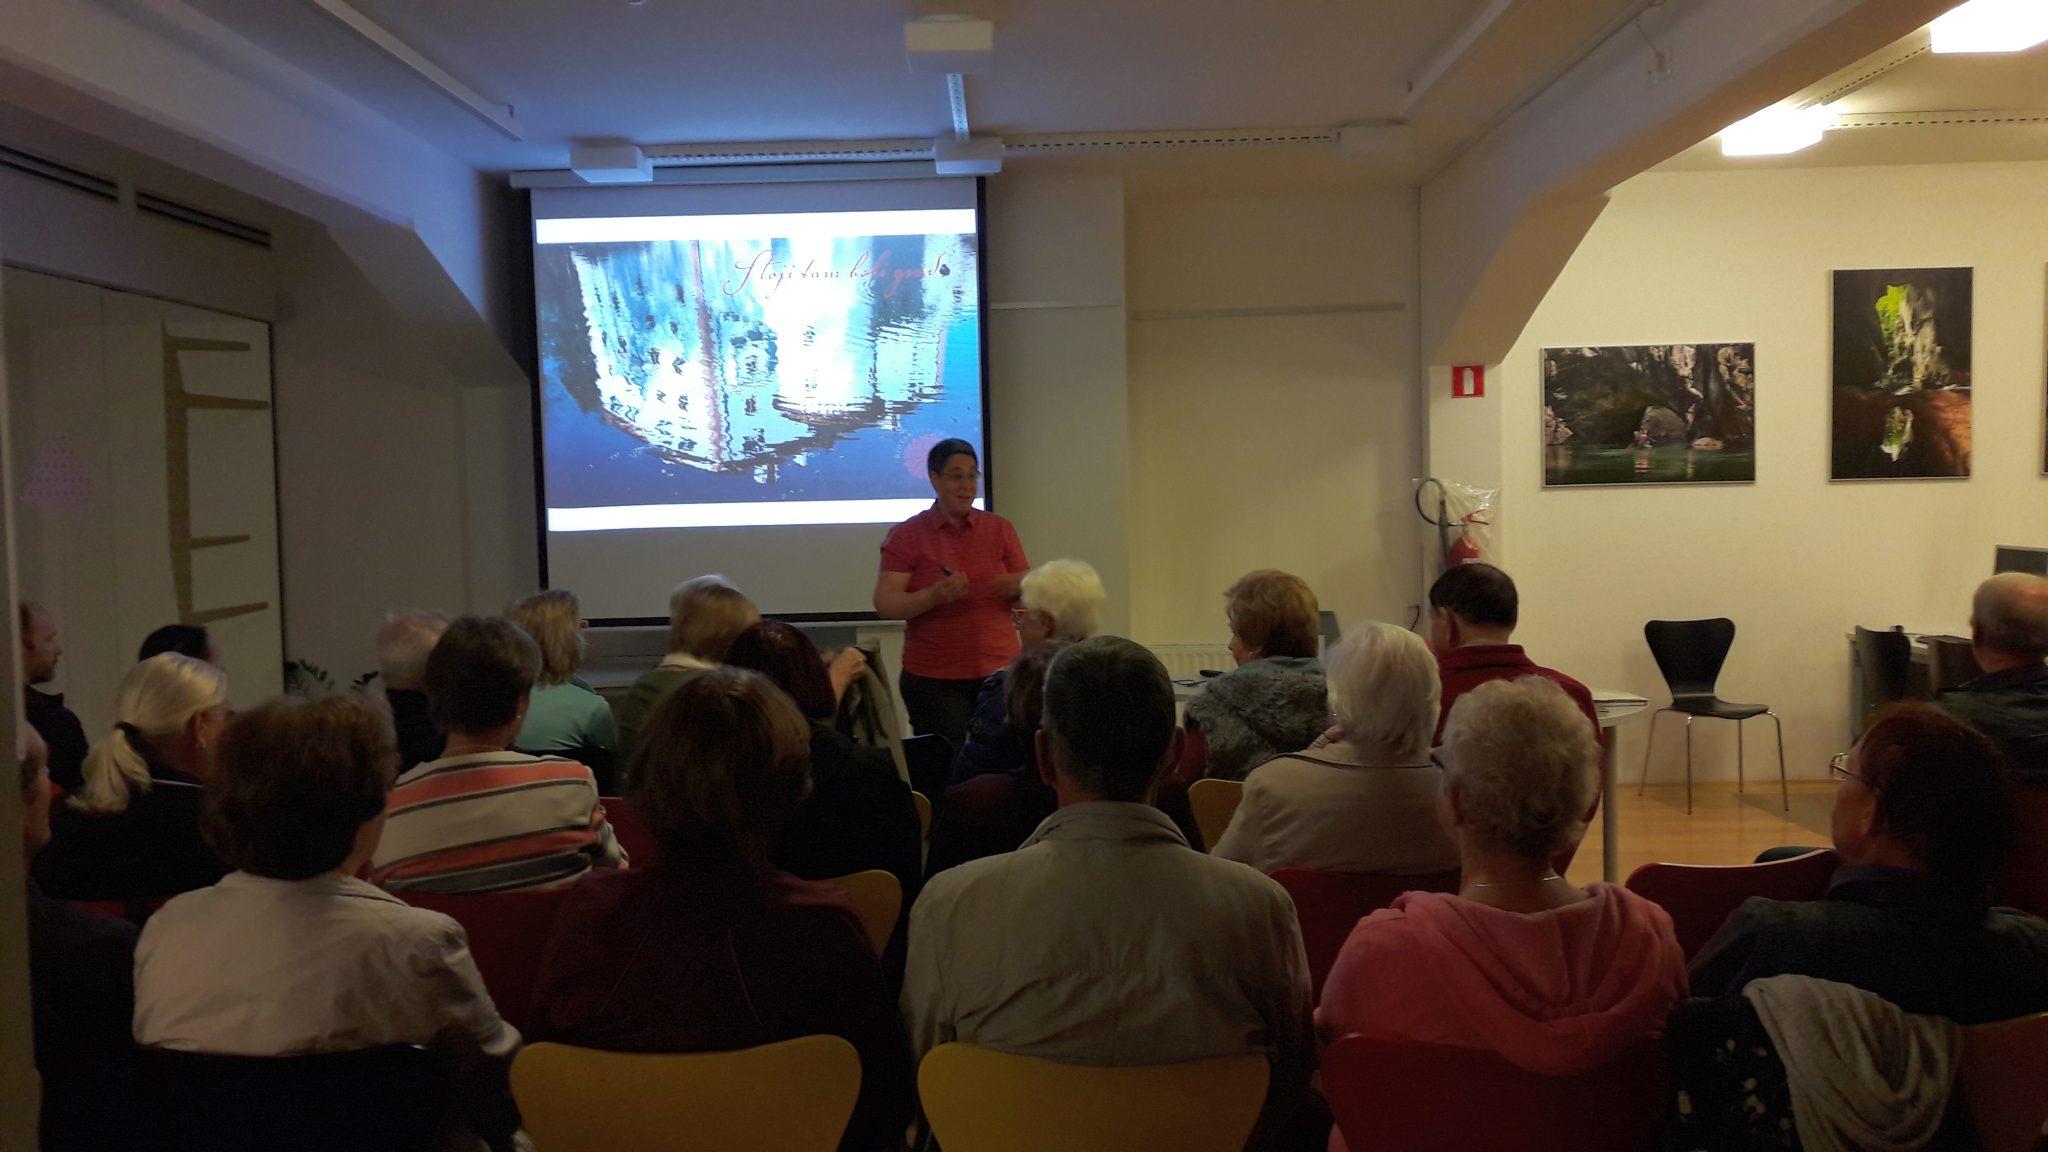 20170927 190459 - Alenka Veber: Stoji tam beli grad - predavanje